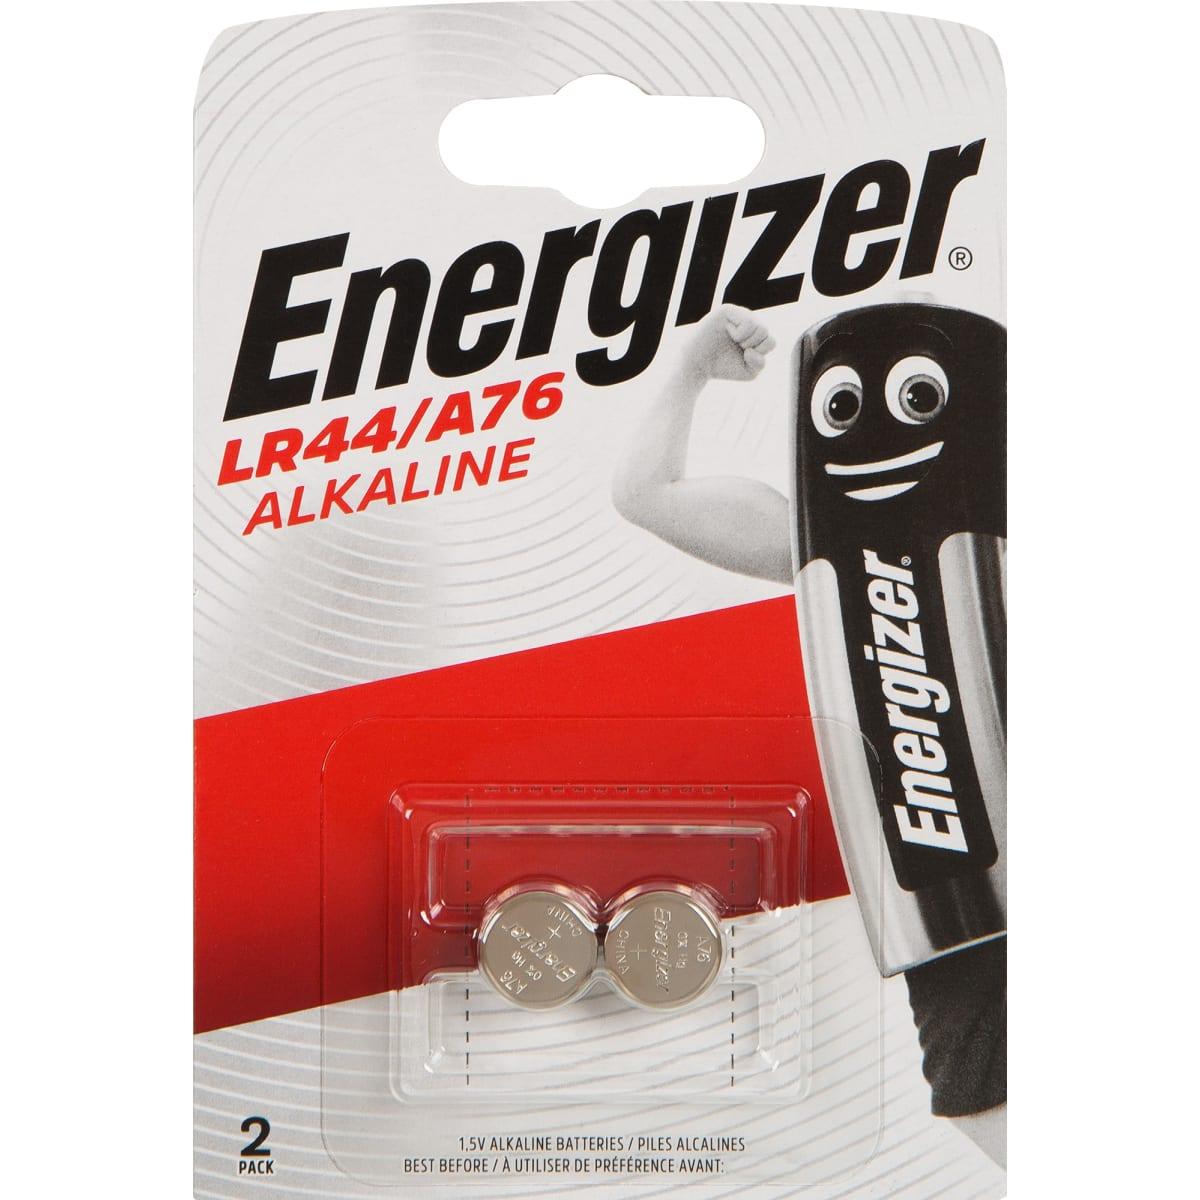 Батарейка алкалиновая Energizer LR44/A76 FSB2, 2 шт.